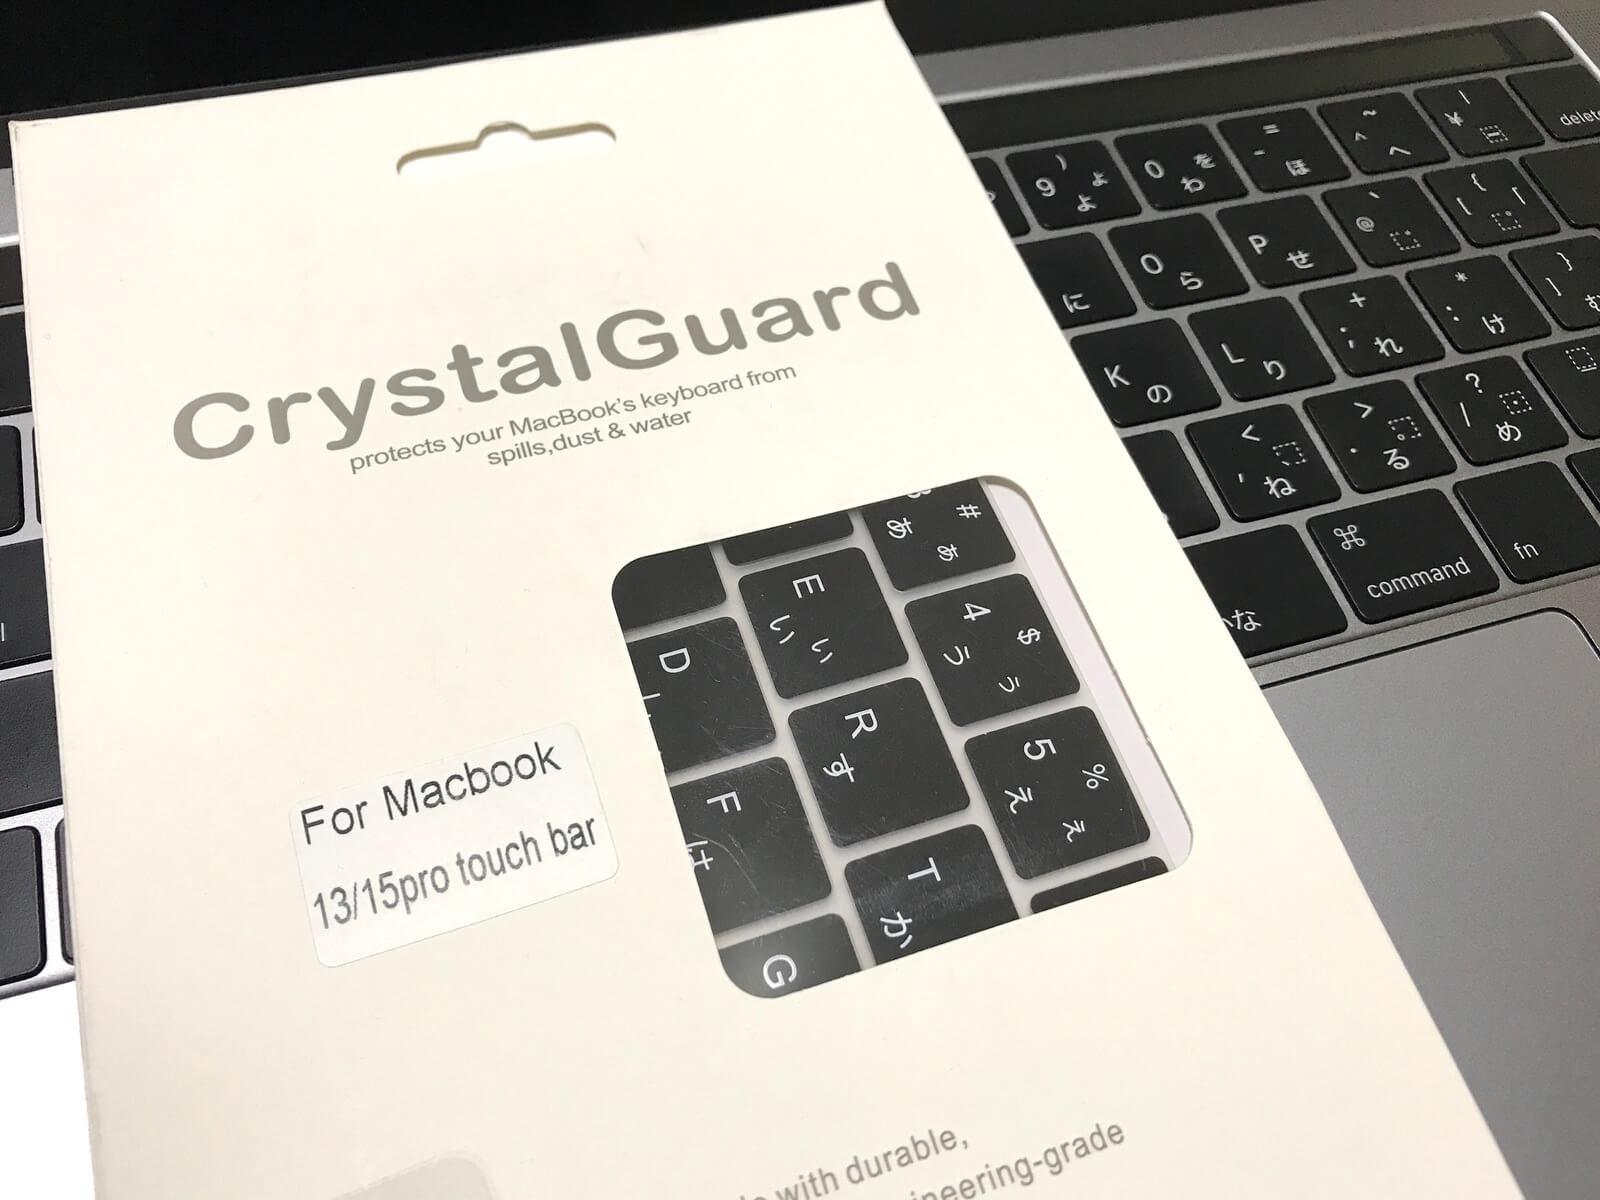 「お菓子食べながら」が止まらないのでMacBook Pro用のキーボードカバー買うた